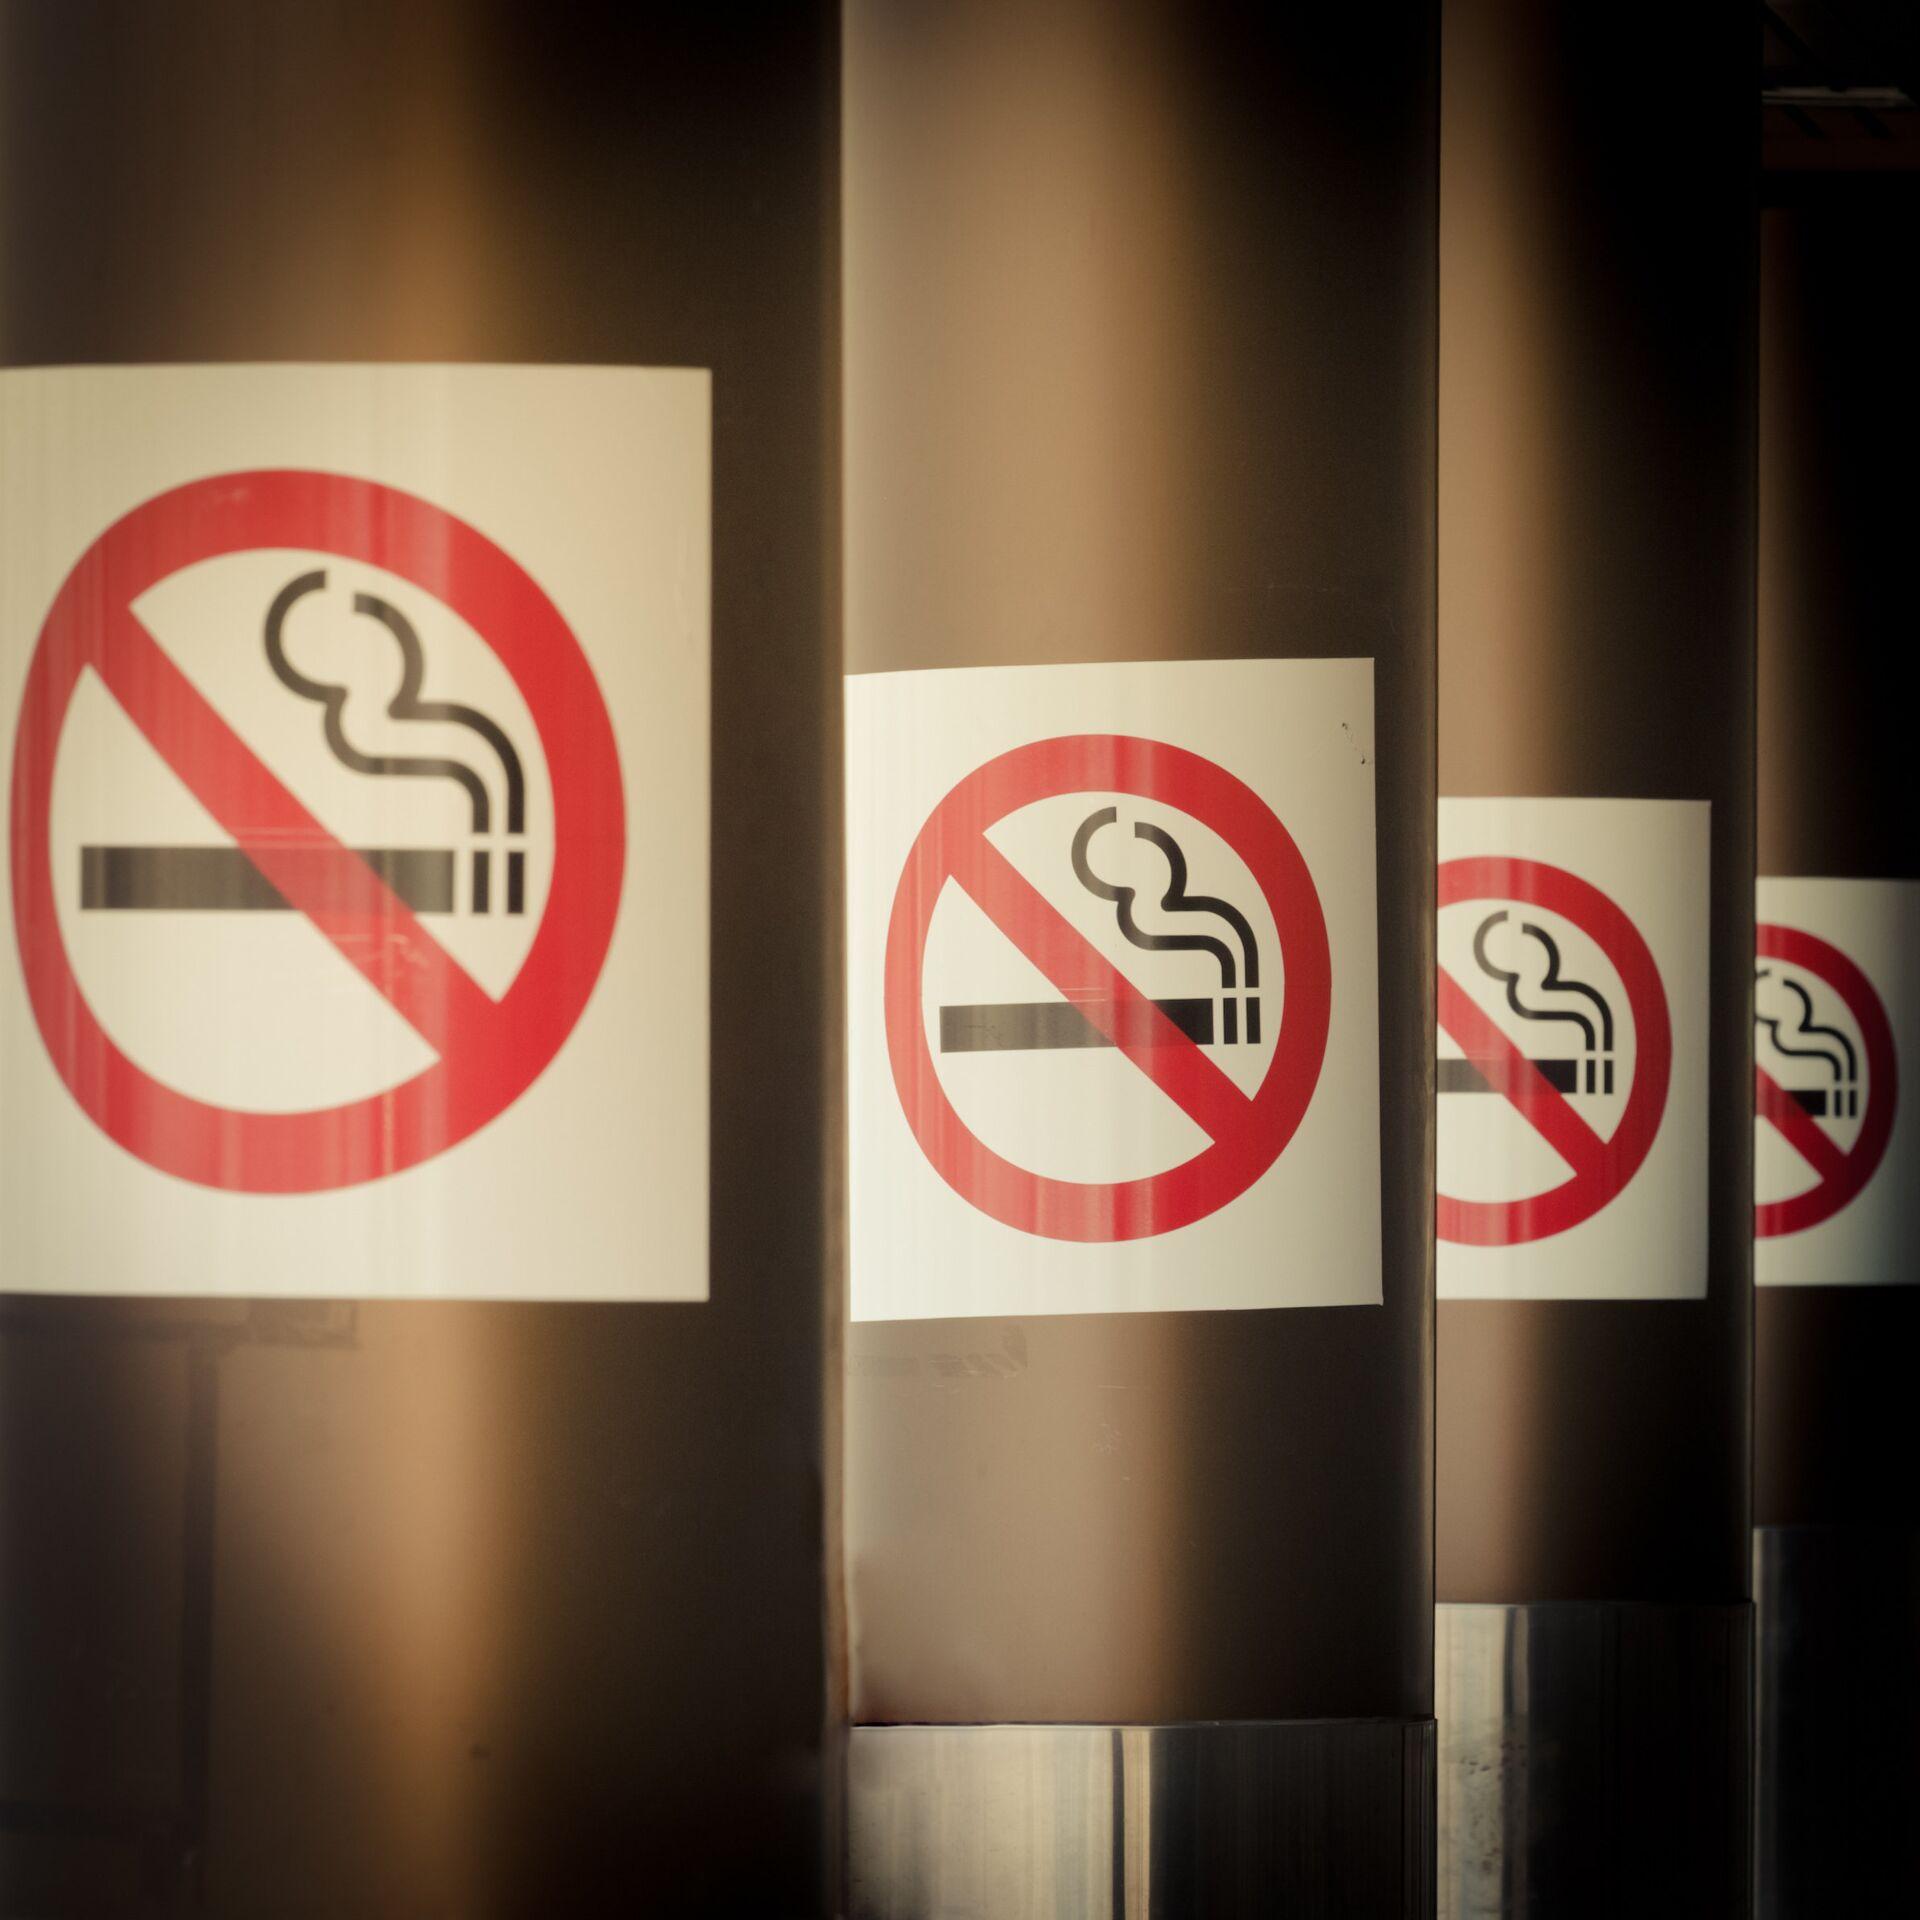 Ужесточение закона о продаже табачных изделий сигареты некст ментол купить в екатеринбурге